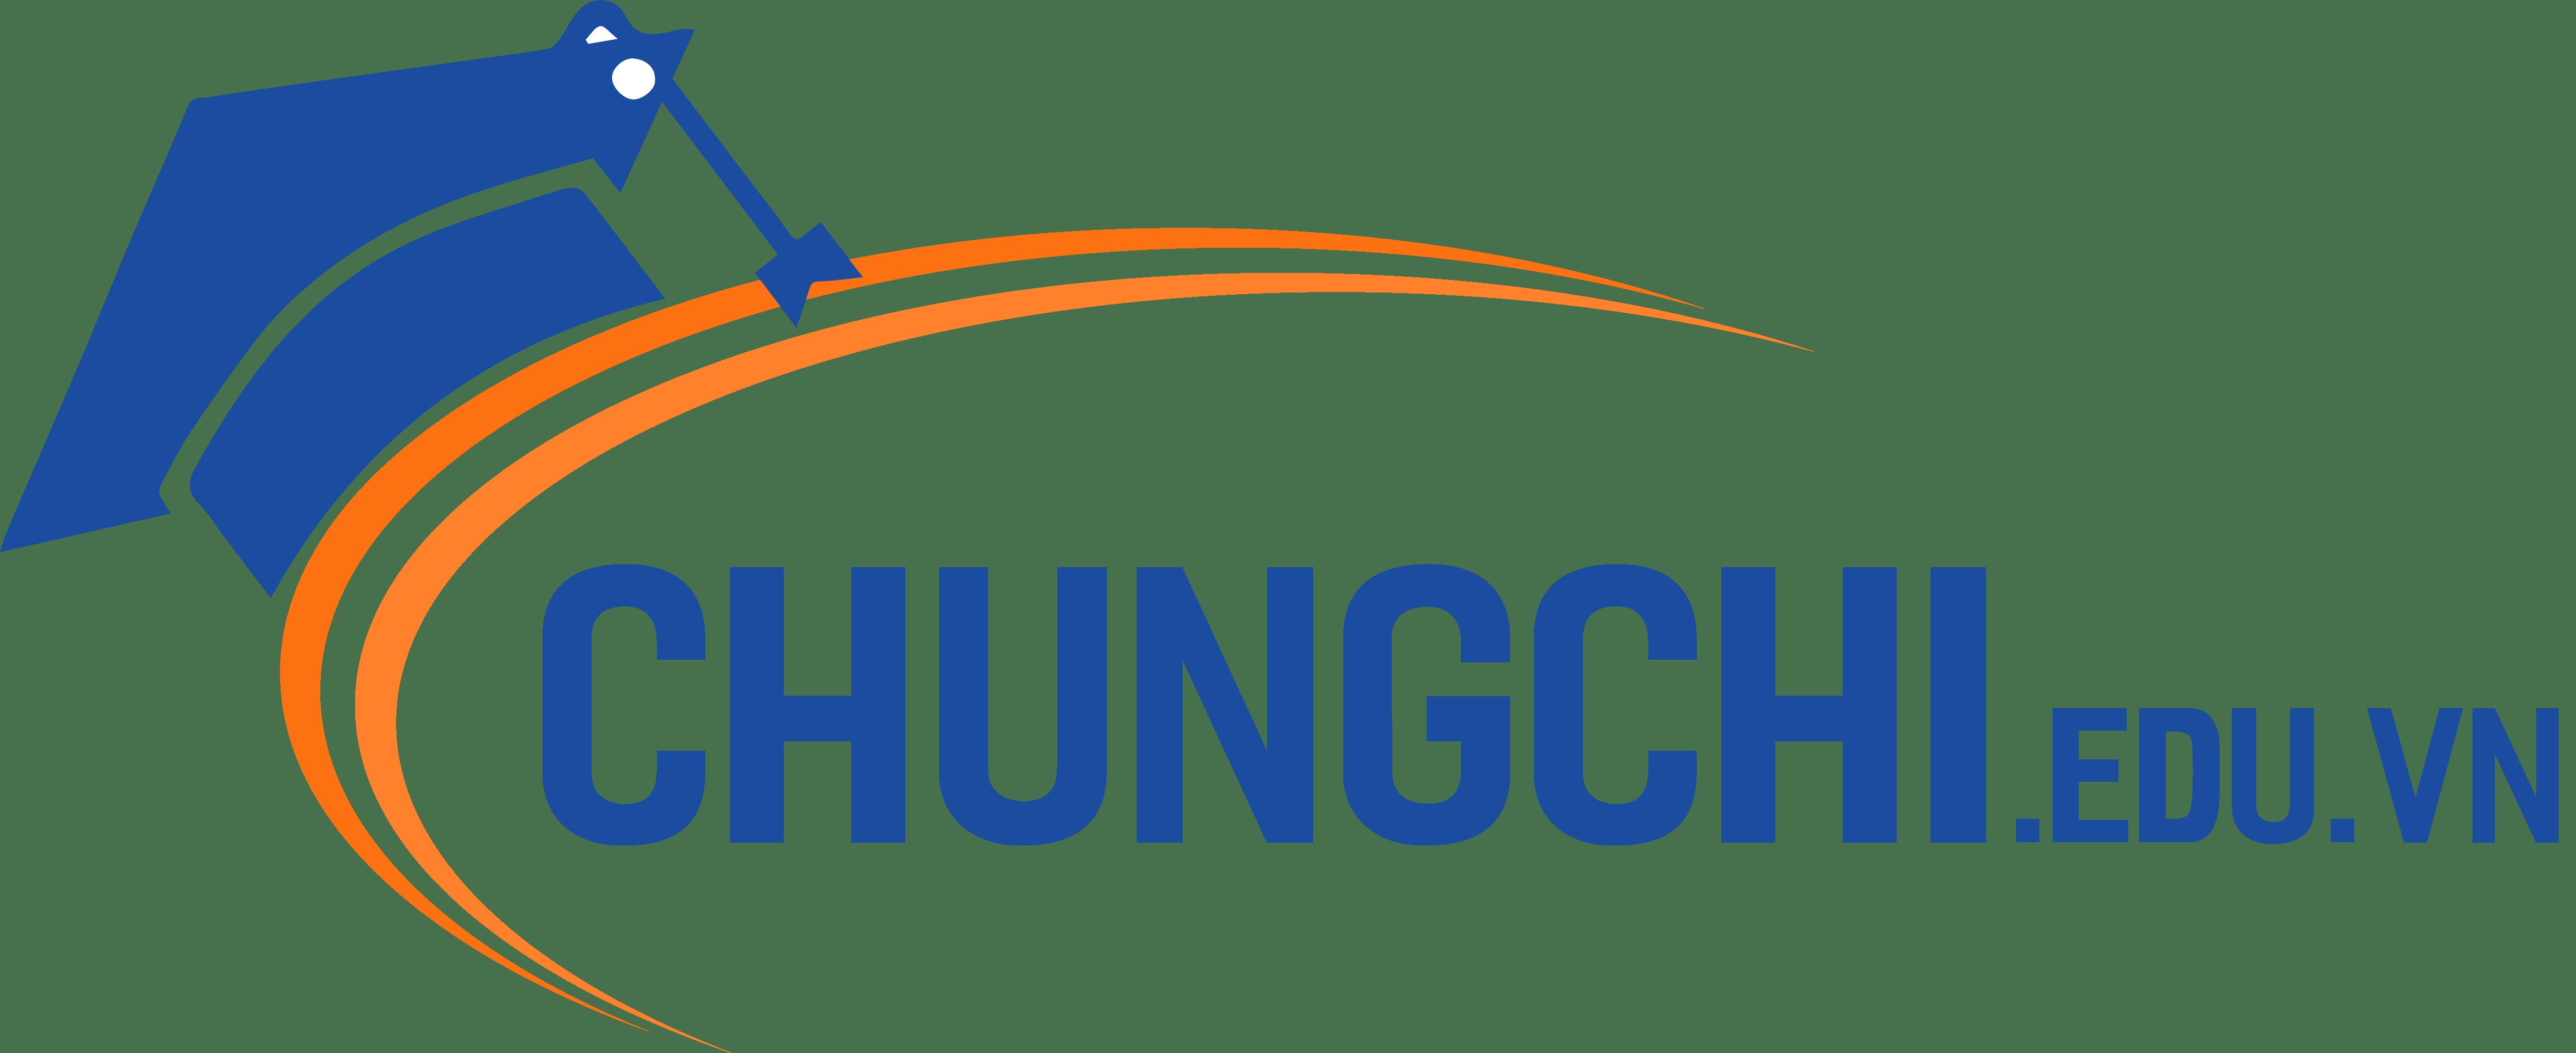 Trung tâm đào tạo chứng chỉ giáo dục Hướng Nghiệp Việt